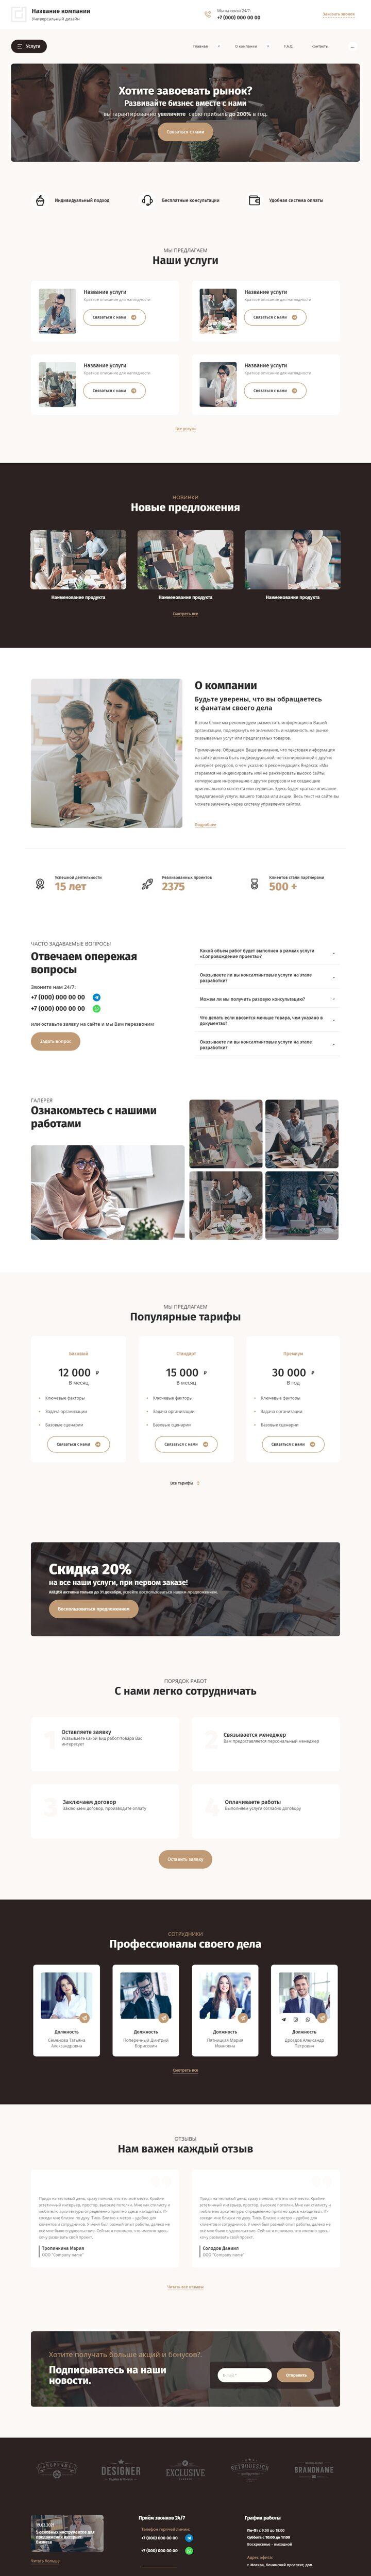 Готовый Сайт-Бизнес #2967758 - Универсальный дизайн (Главная страница)